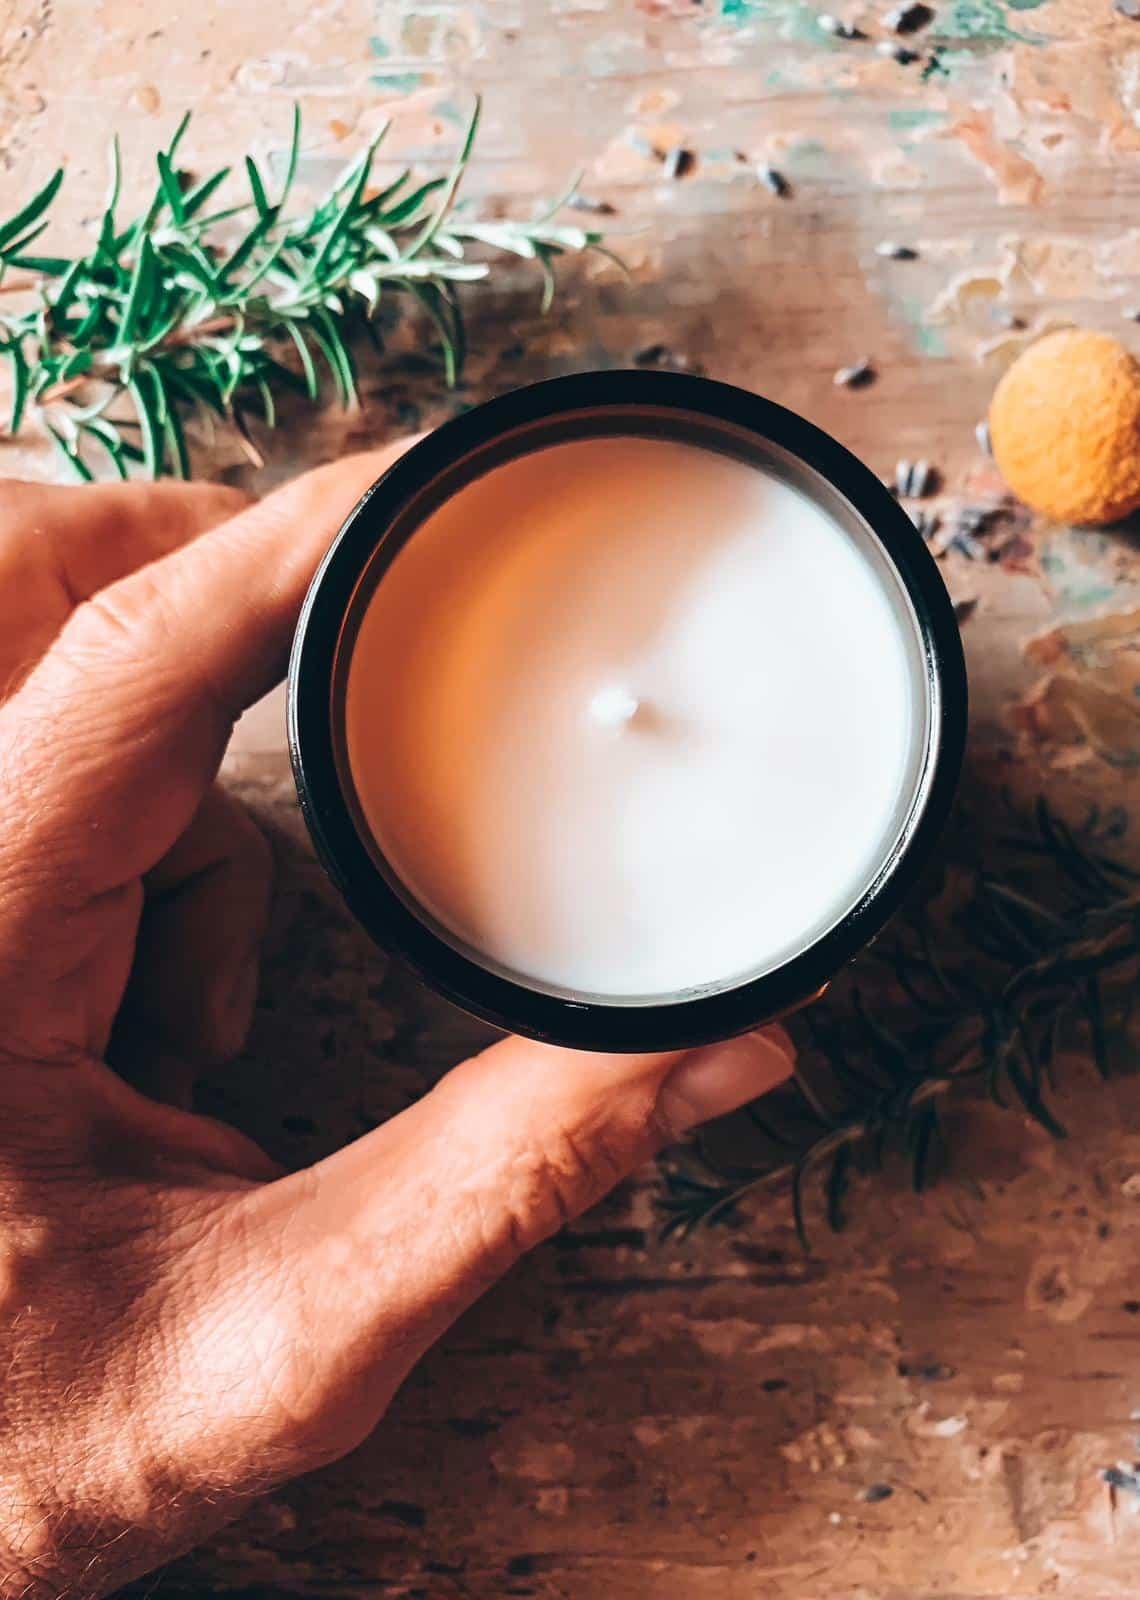 Rosmarino mediterraneo candela per la casa profumata di soia handmade Quello Sbagliato.jpg